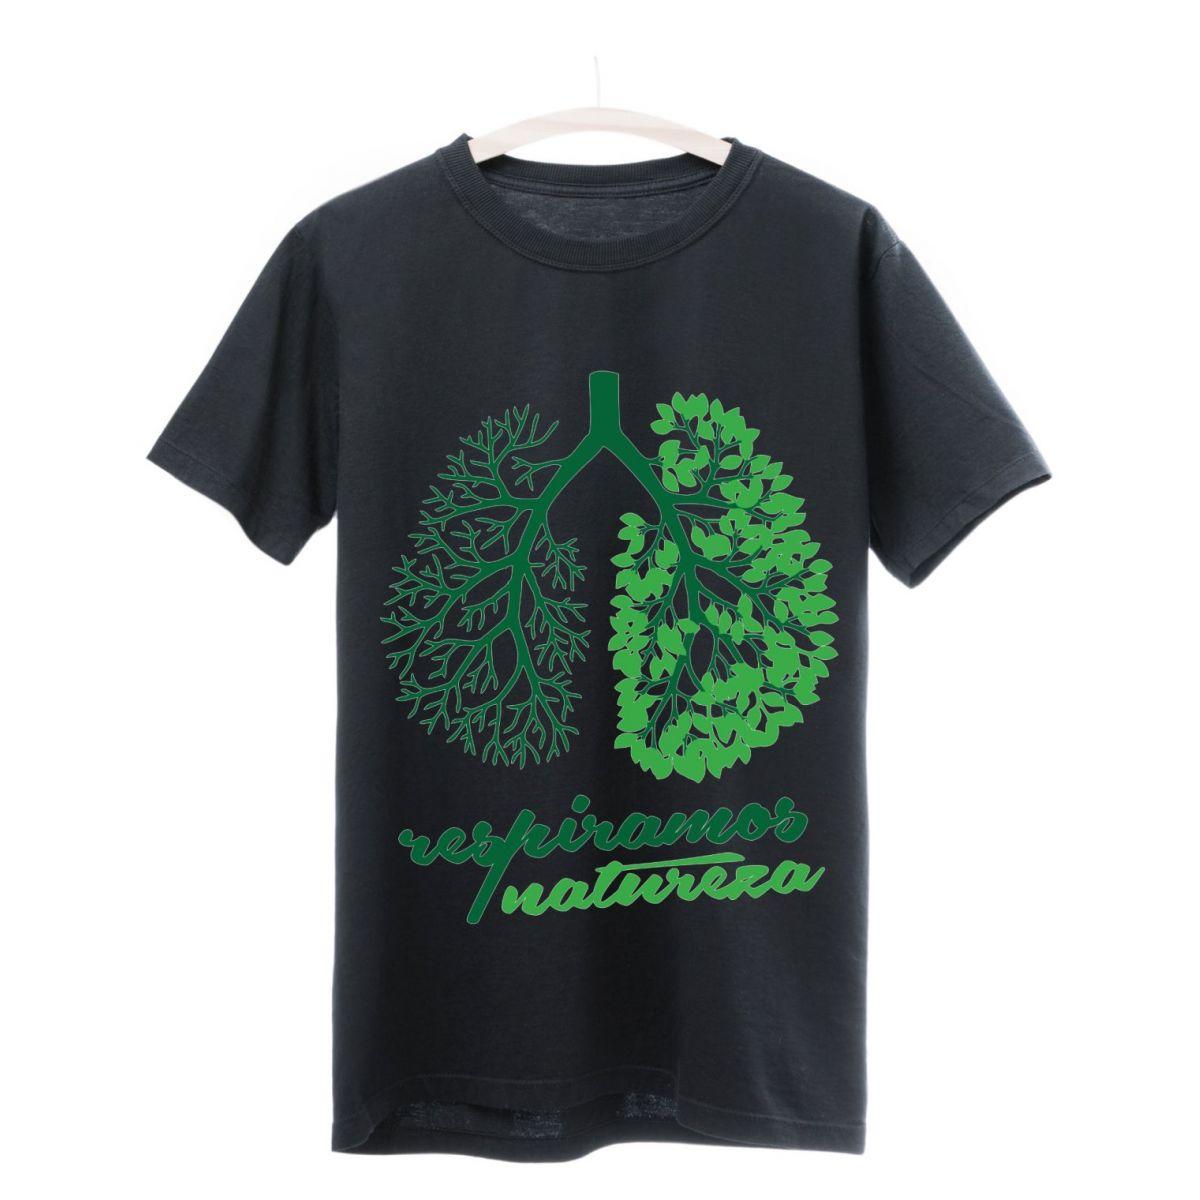 Camiseta Seminate Respiramos Natureza